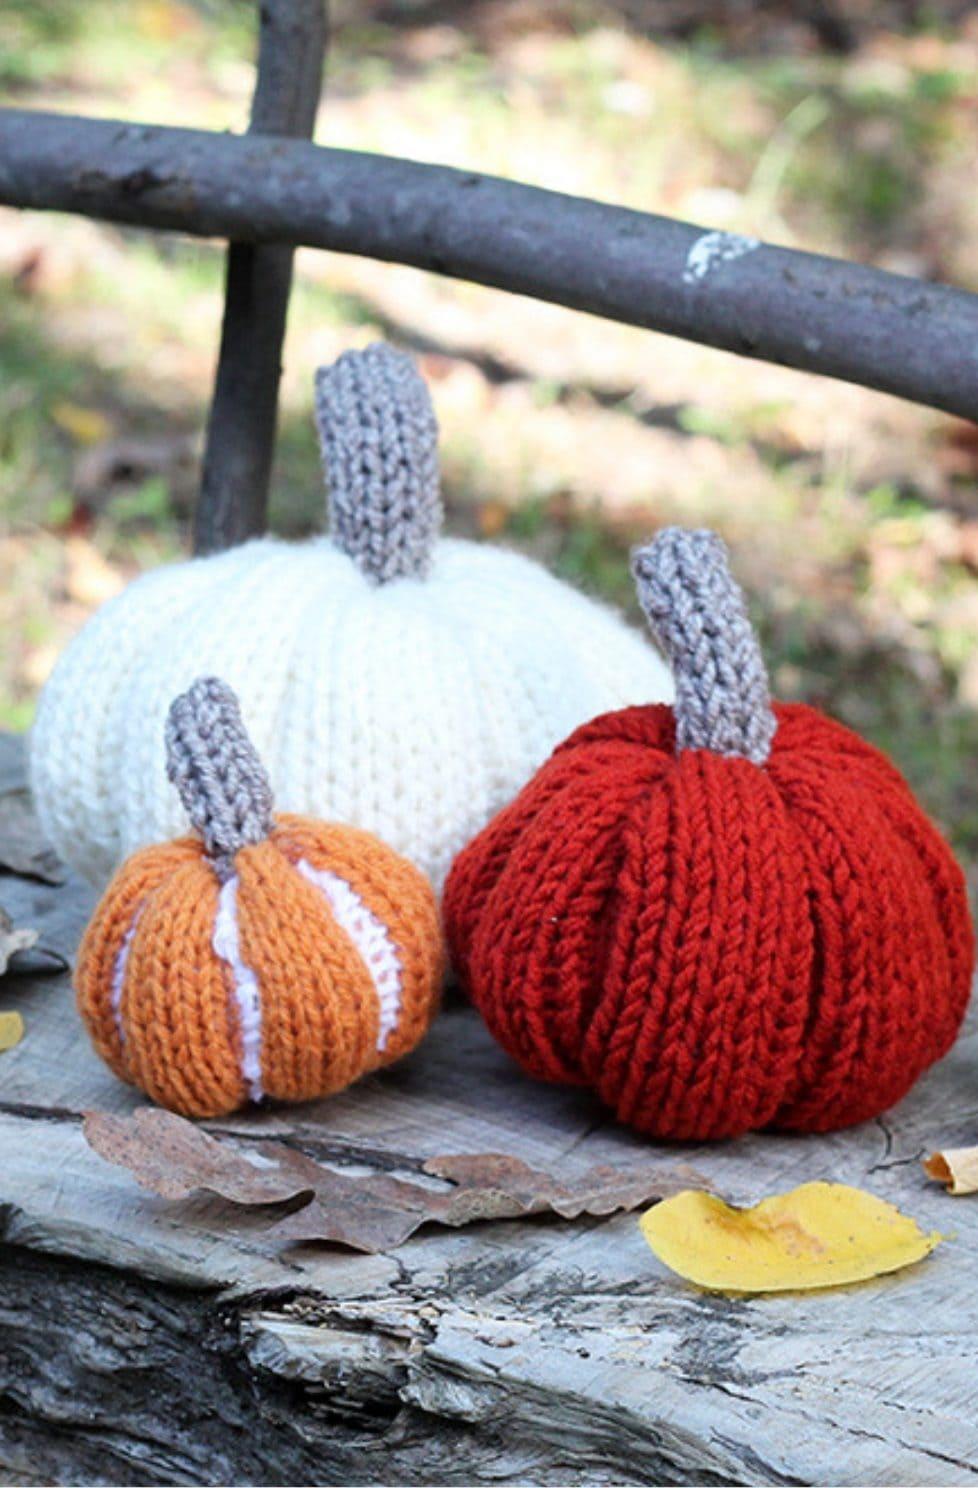 Knitted pumpkins